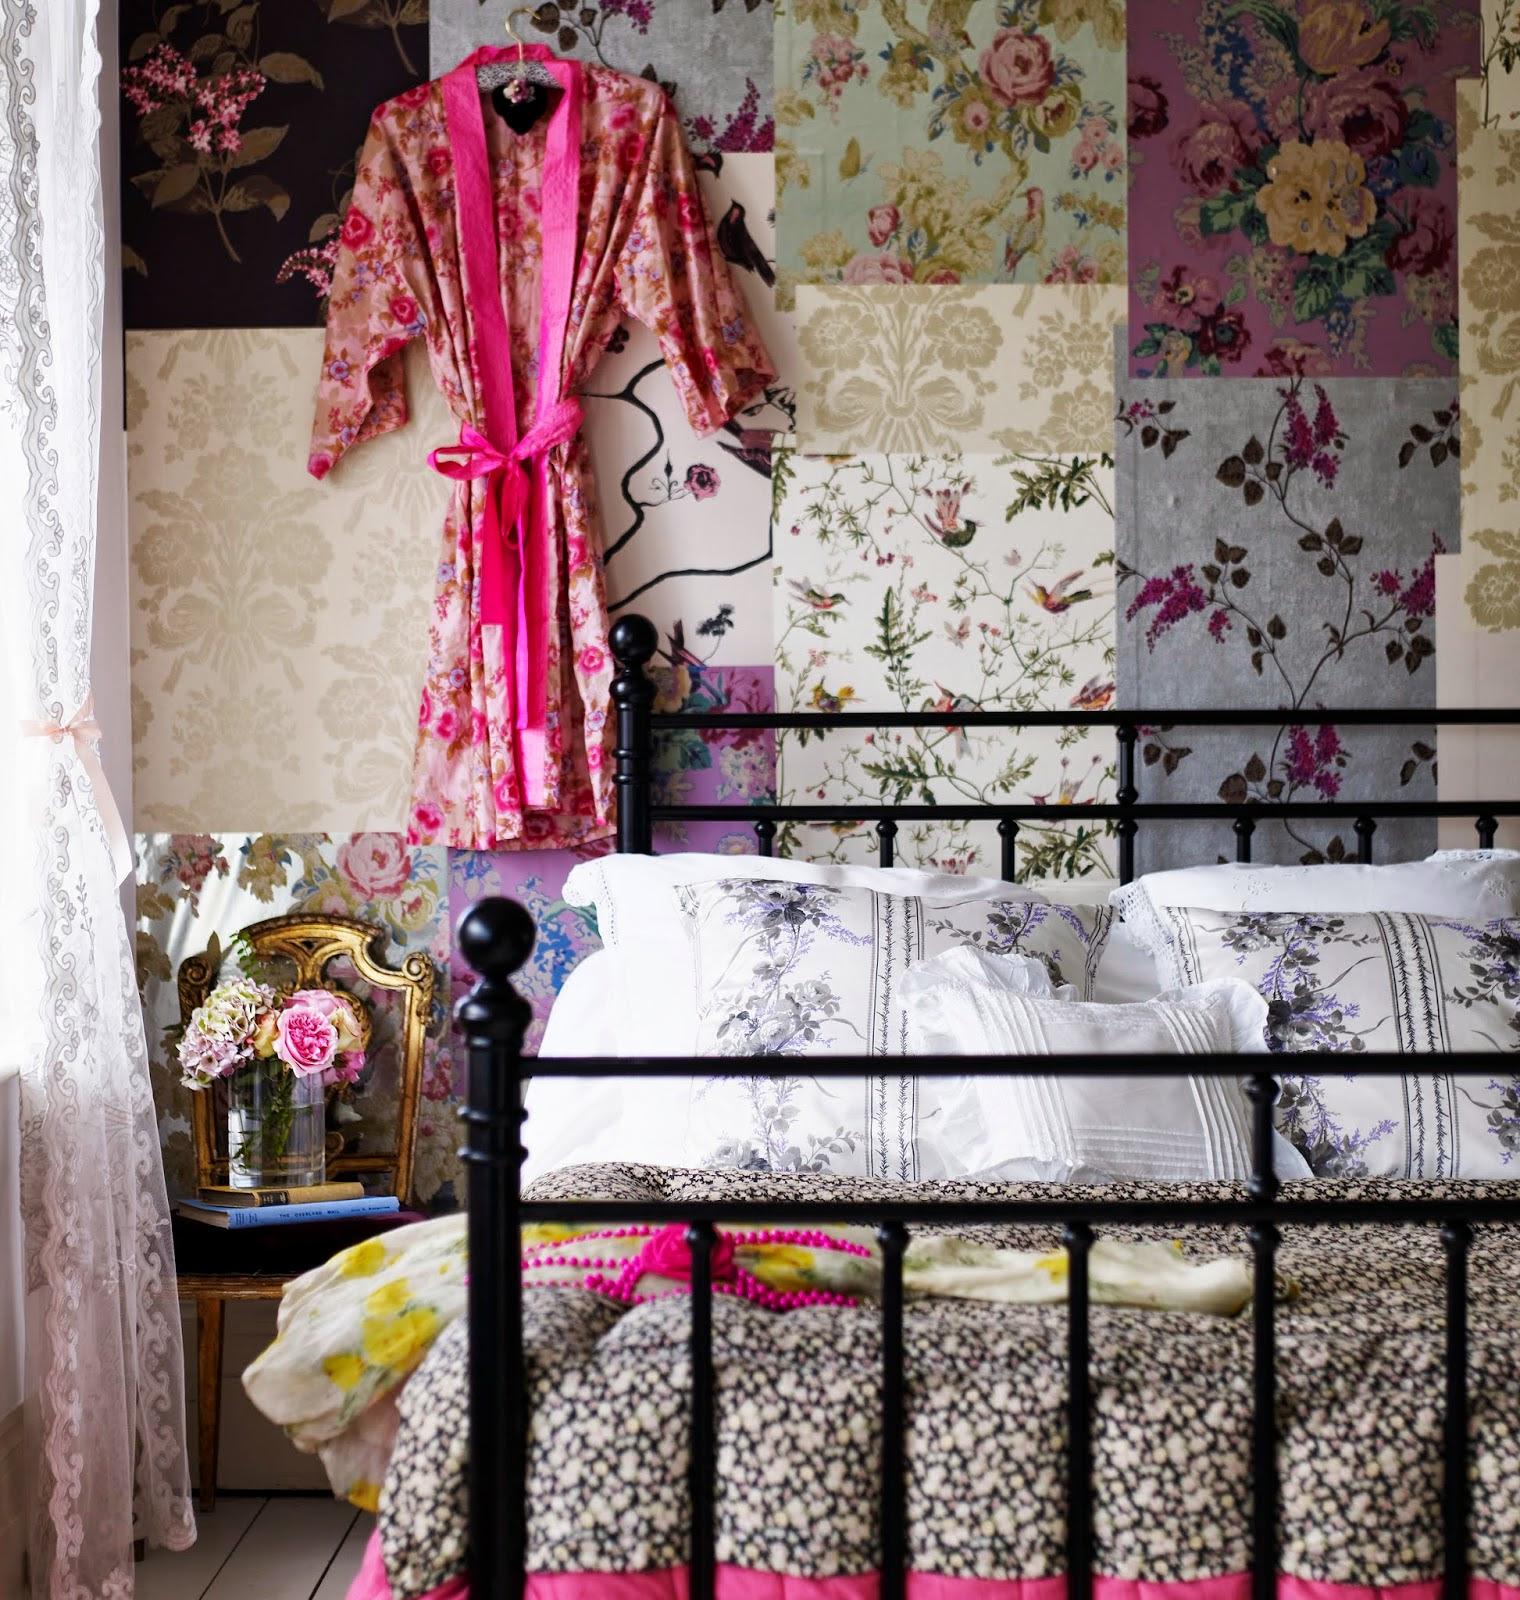 O papel de parede desse quarto mistura diferentes estampas florais (crédito da foto: reprodução blog Selina Lake)